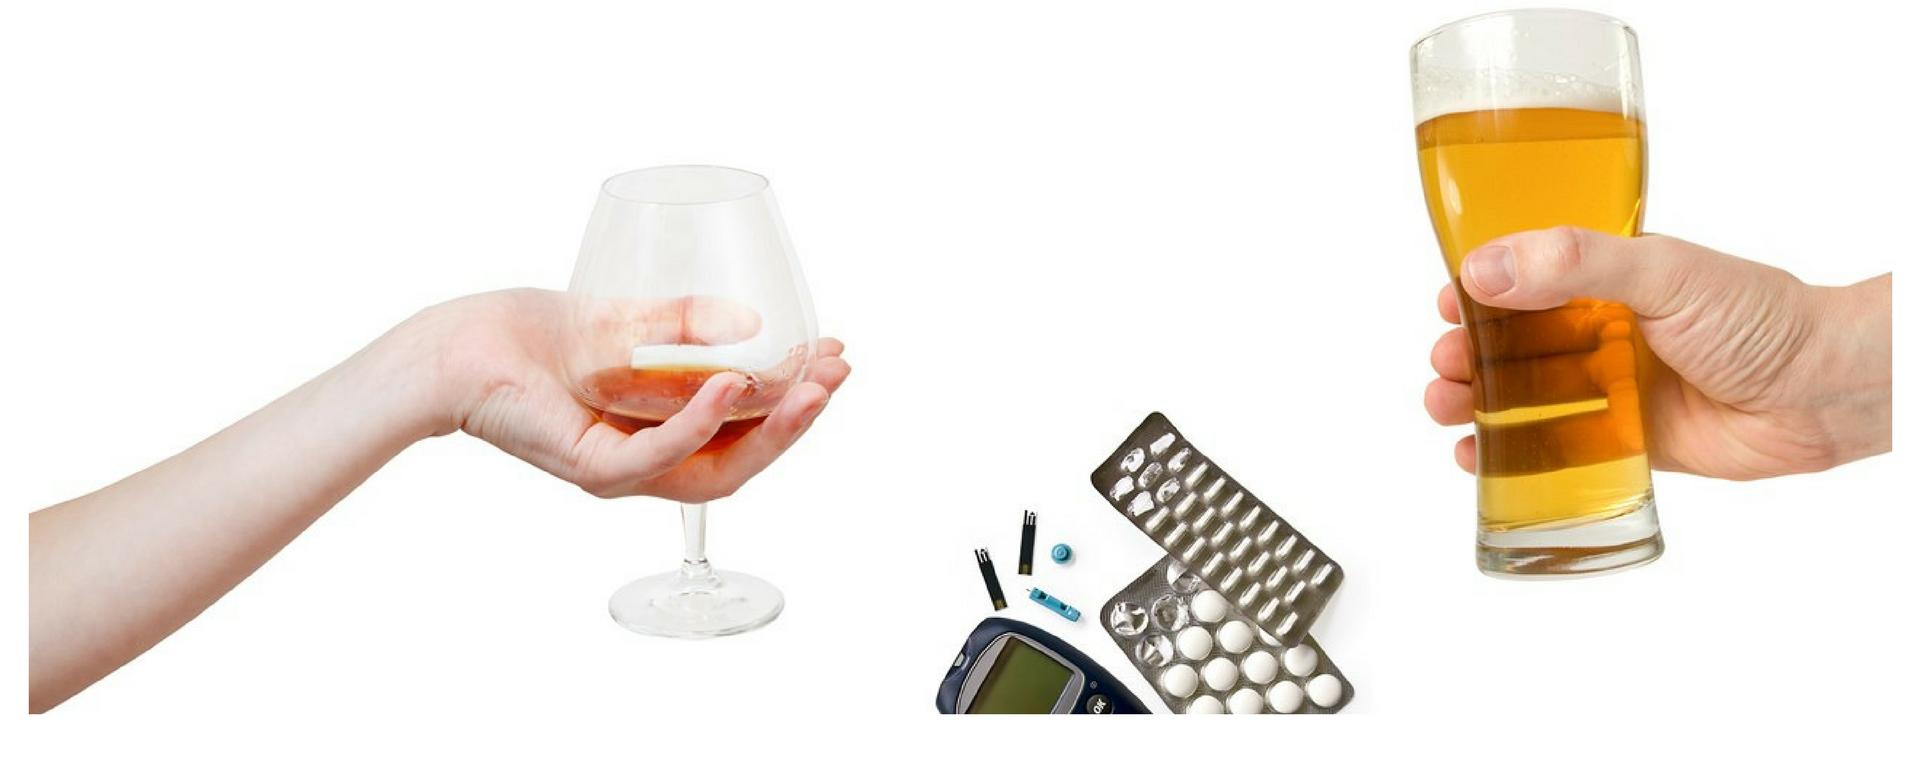 Можно ли пить алкоголь при сахарном диабете и какой напиток предпочтительнее?